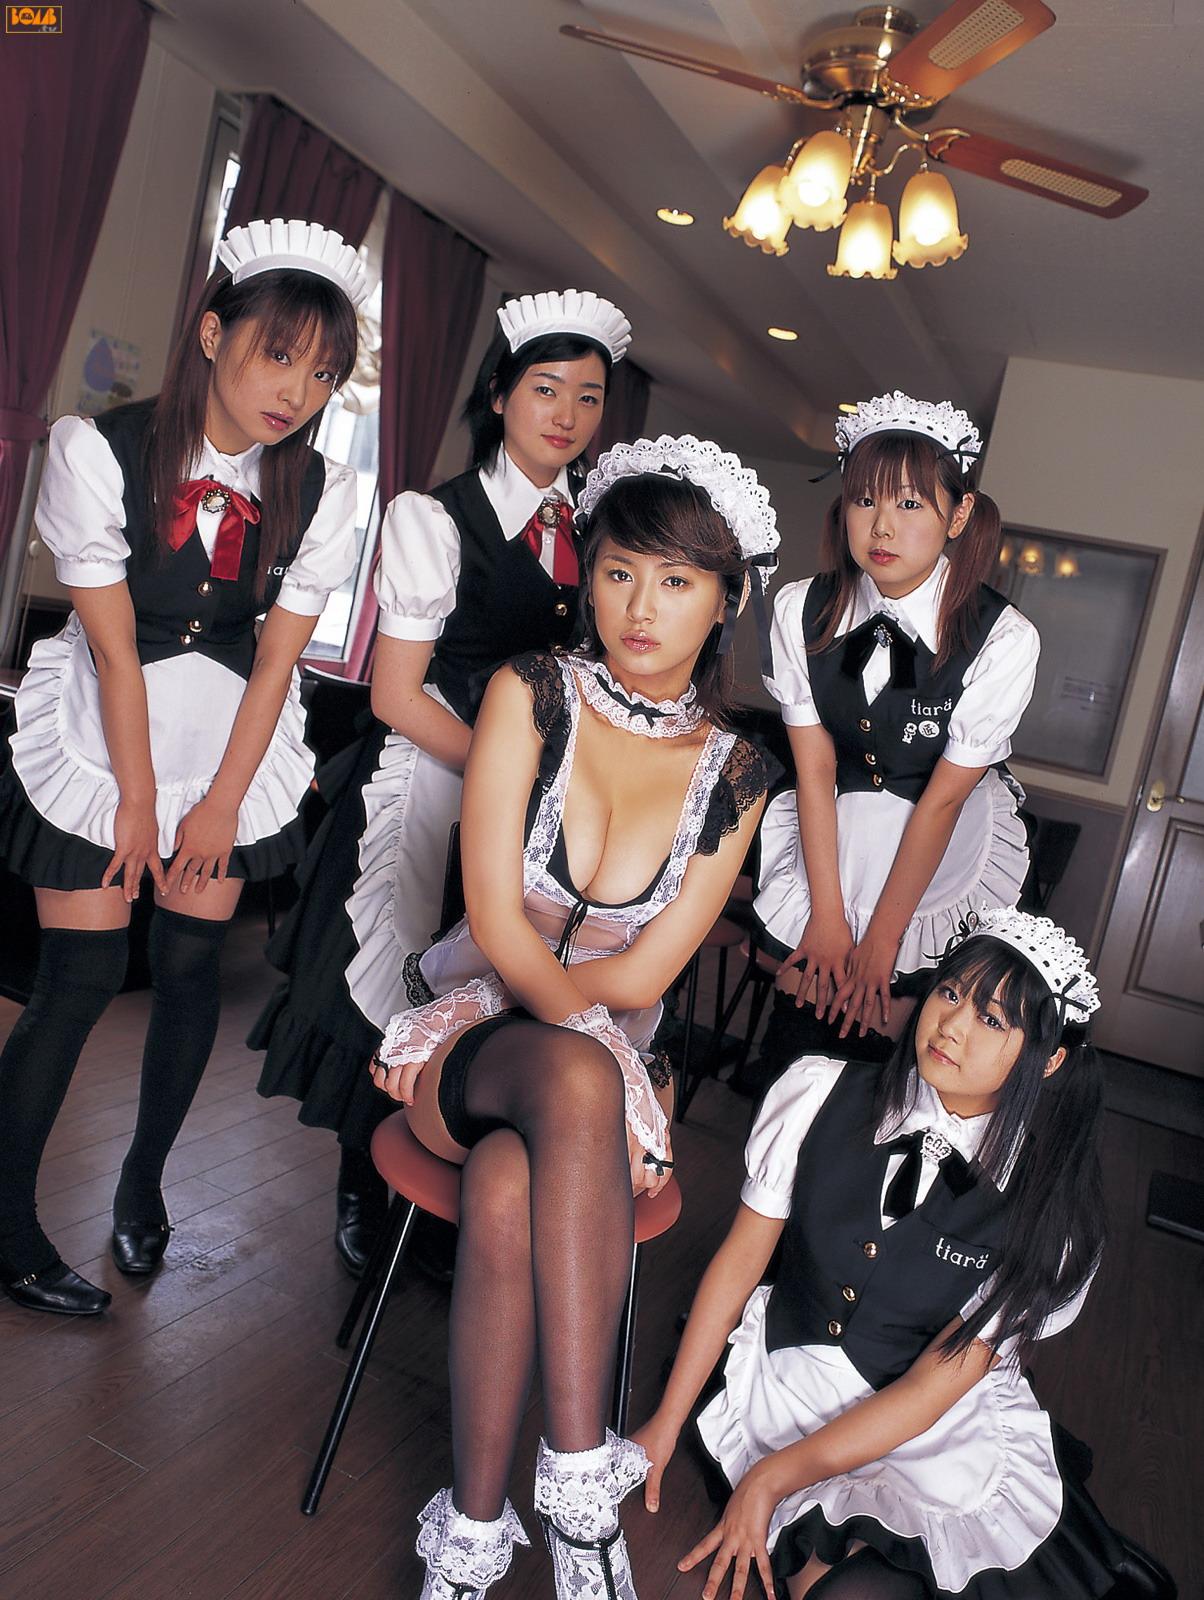 Yuka kosaka nude Nude Photos 48